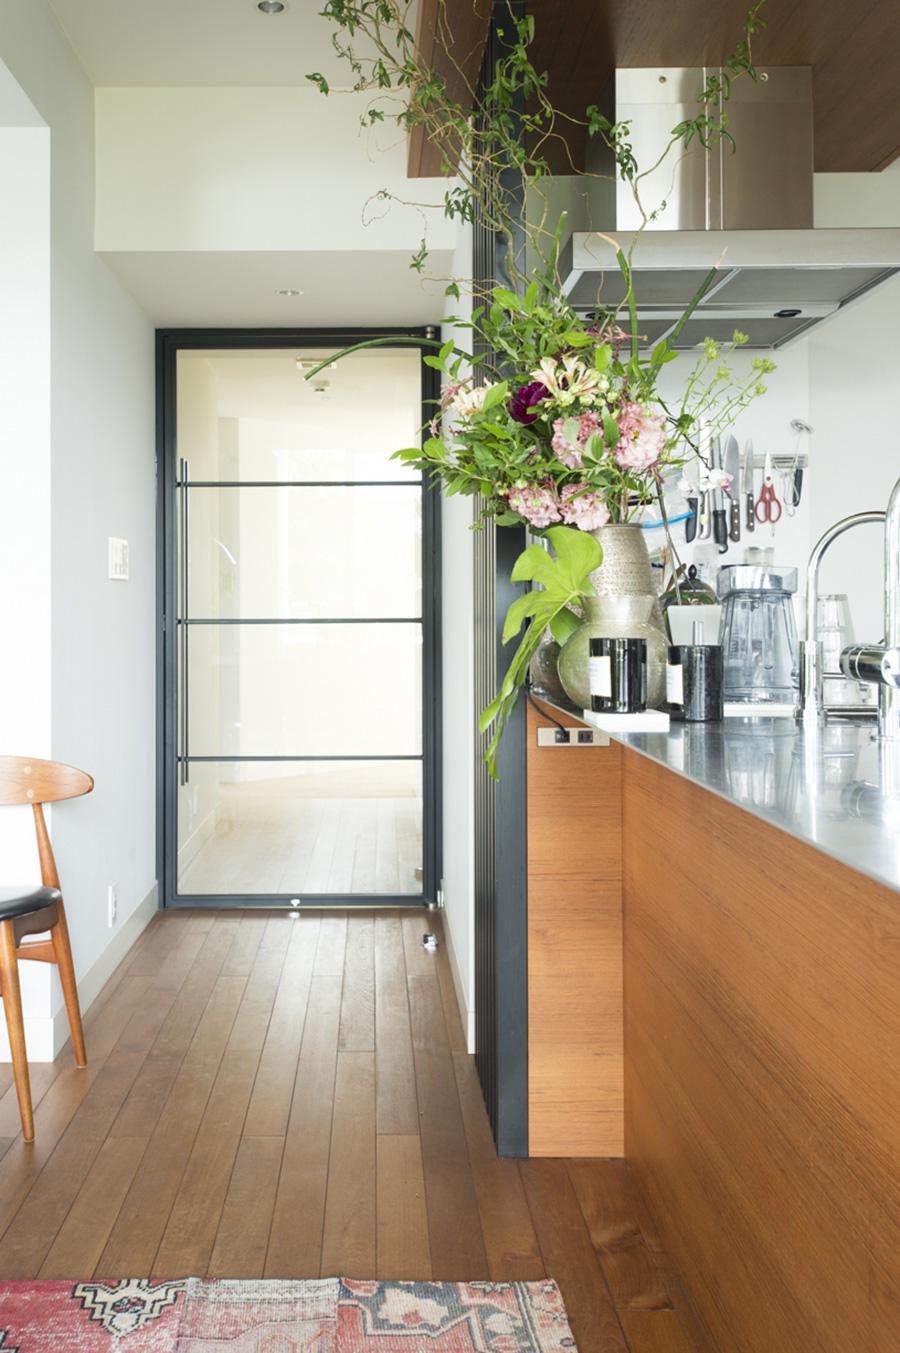 ガラスを使った黒枠のドアはオリジナルのデザイン。リビングの光と廊下側の部屋の光が通り抜ける。